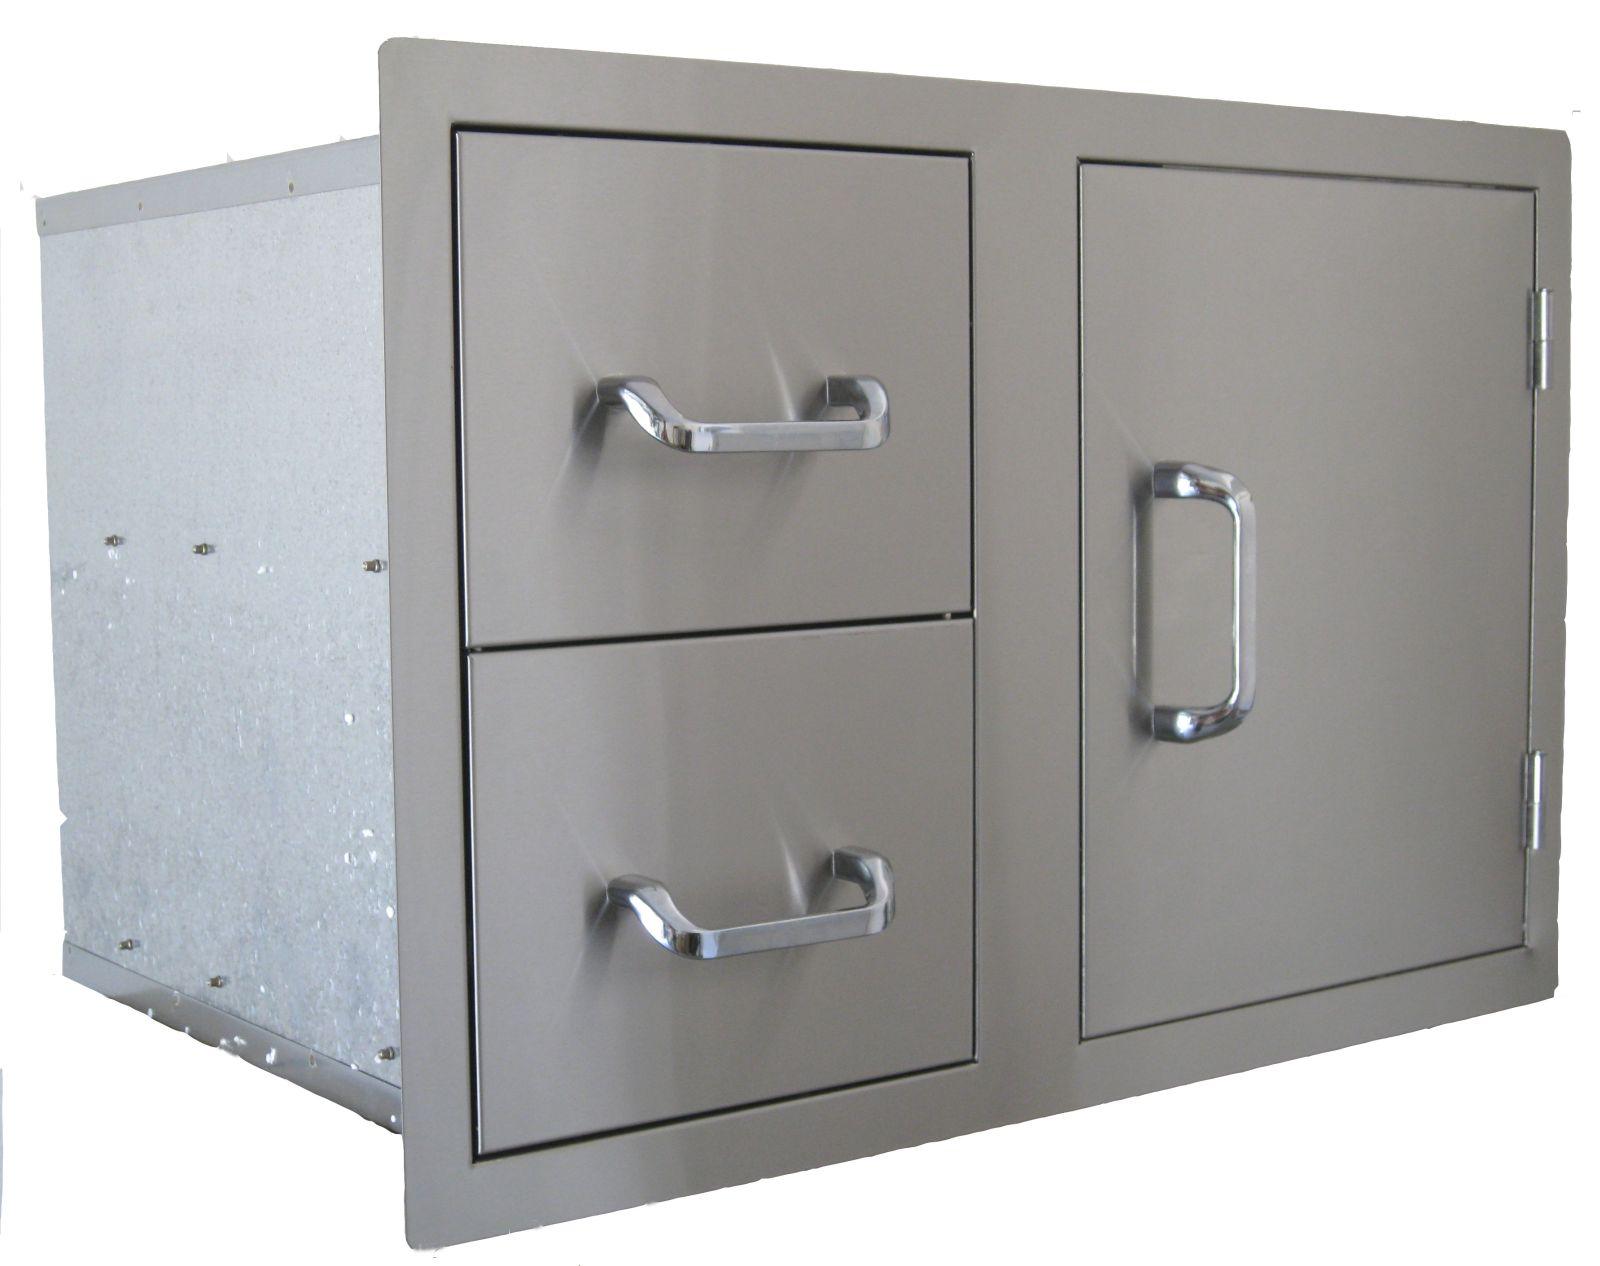 Outdoorküche Tür Xxl : Beefeater kitchen modul schrank mit schubladen.